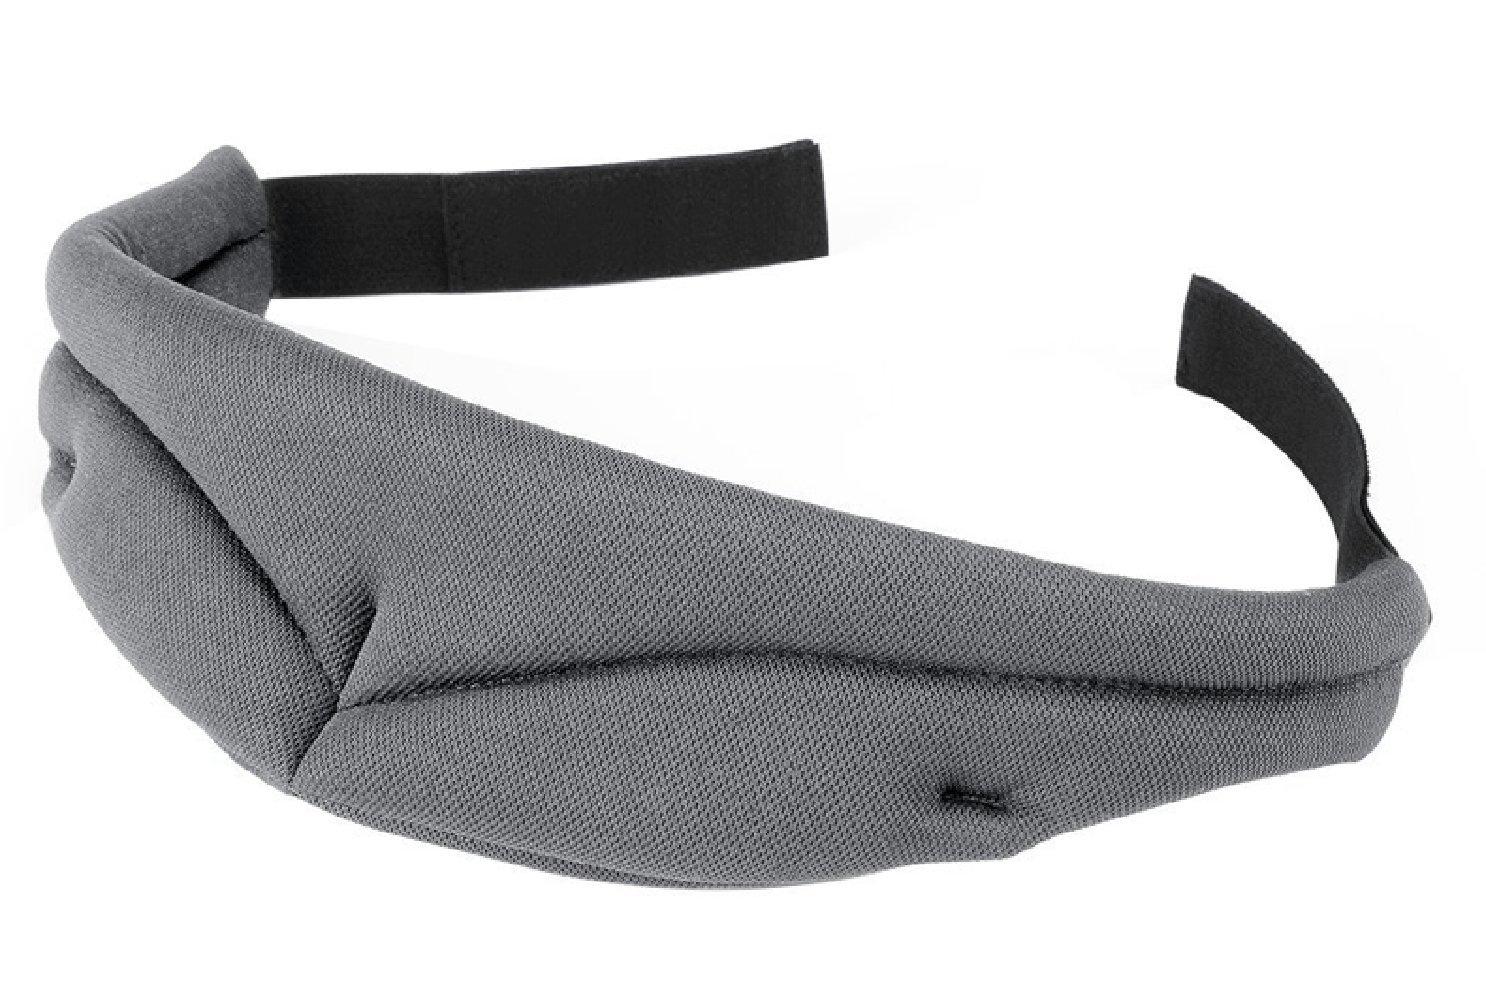 Pasway Masque de Sommeil Confortable Respirant Housse de Masque de Mousse à Mémoire Avec Velcro Réglable Pour Dormir sur Avion, Bureau, Lit et plus (Gris)